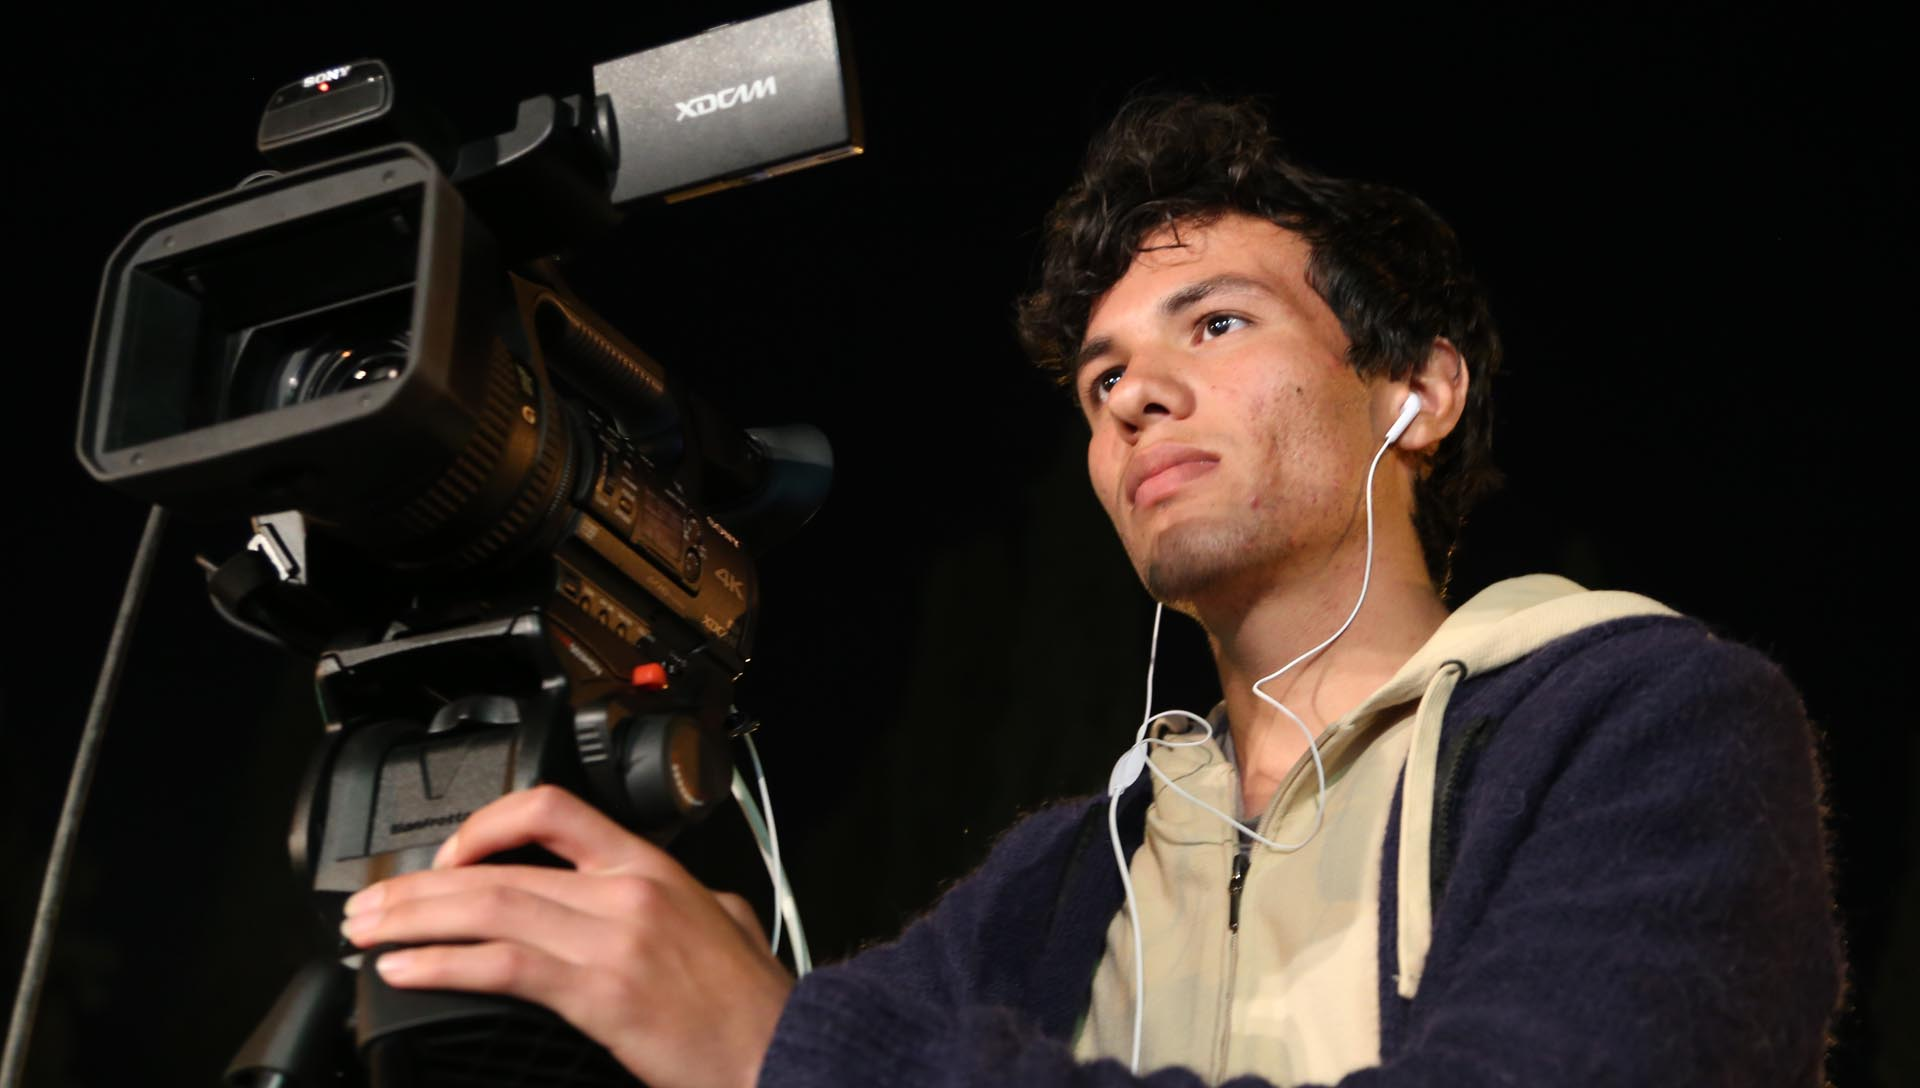 تیم شرکت فیلم سازی زوم علیرضا شریفی